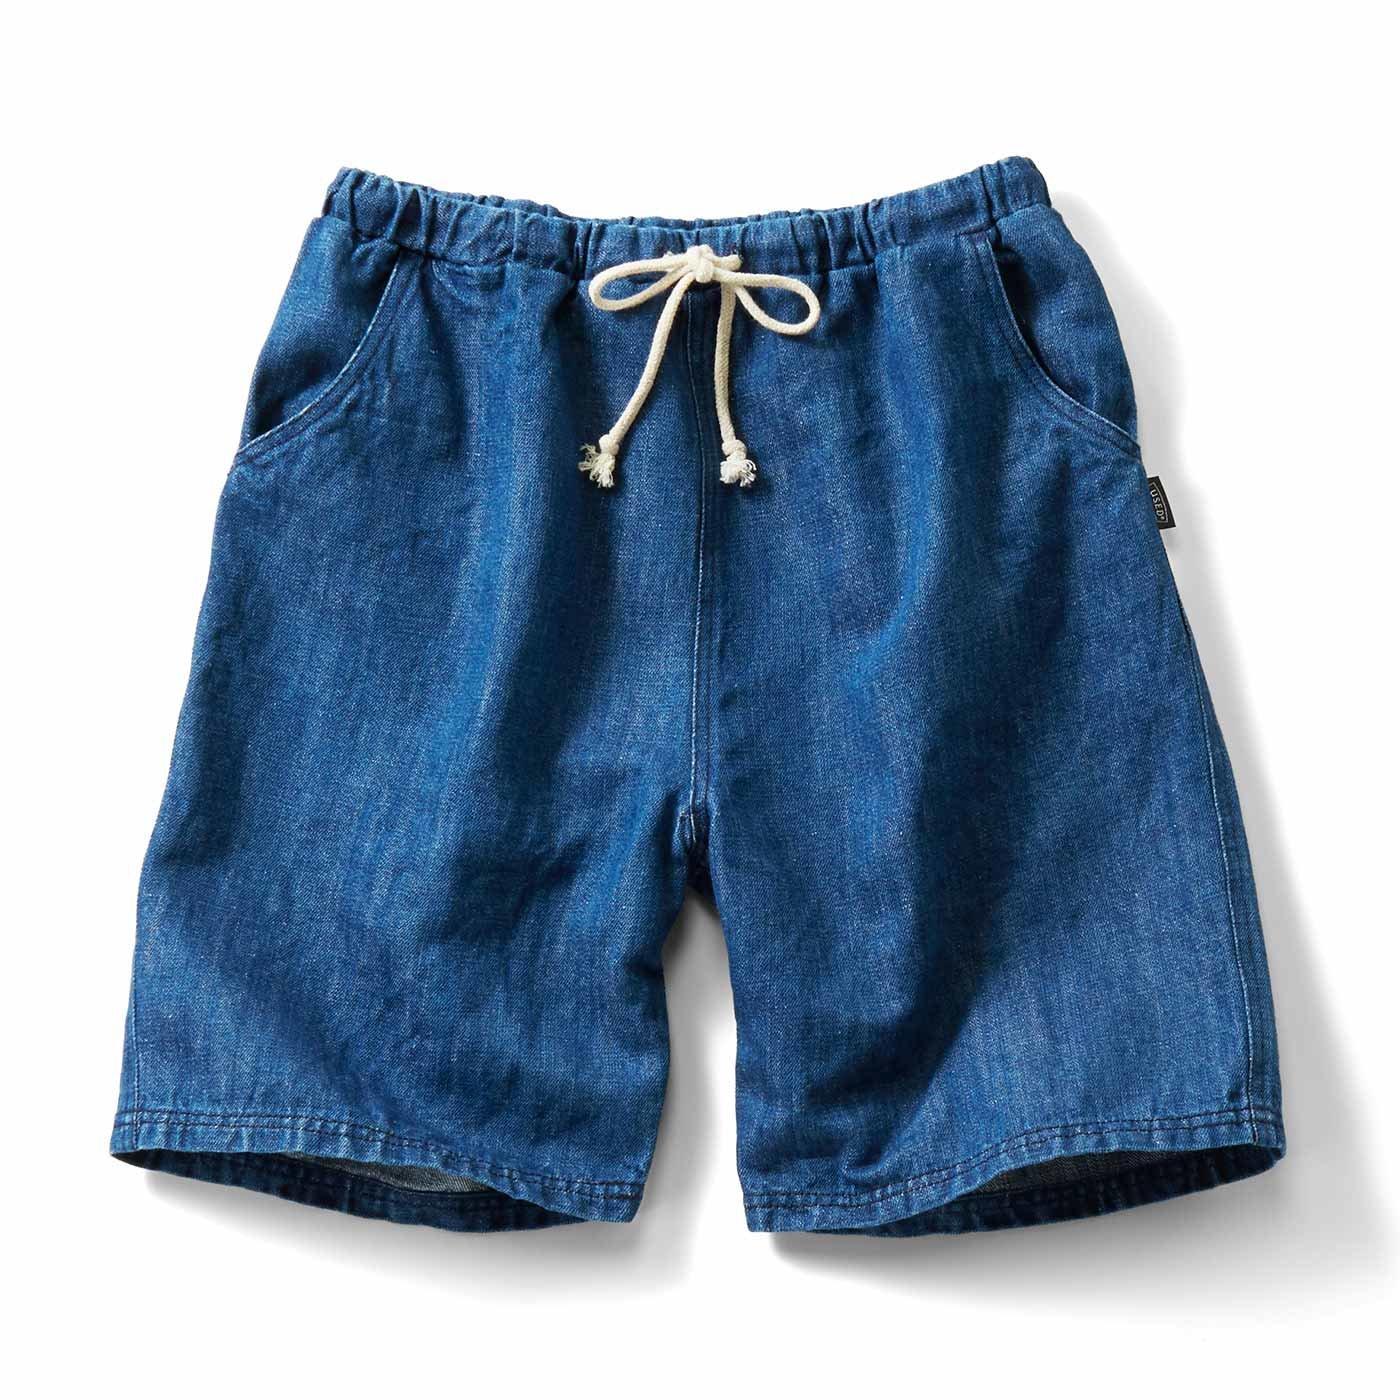 古着屋さんで見つけたような 綿麻デニムのショートパンツ〈インディゴブルー〉